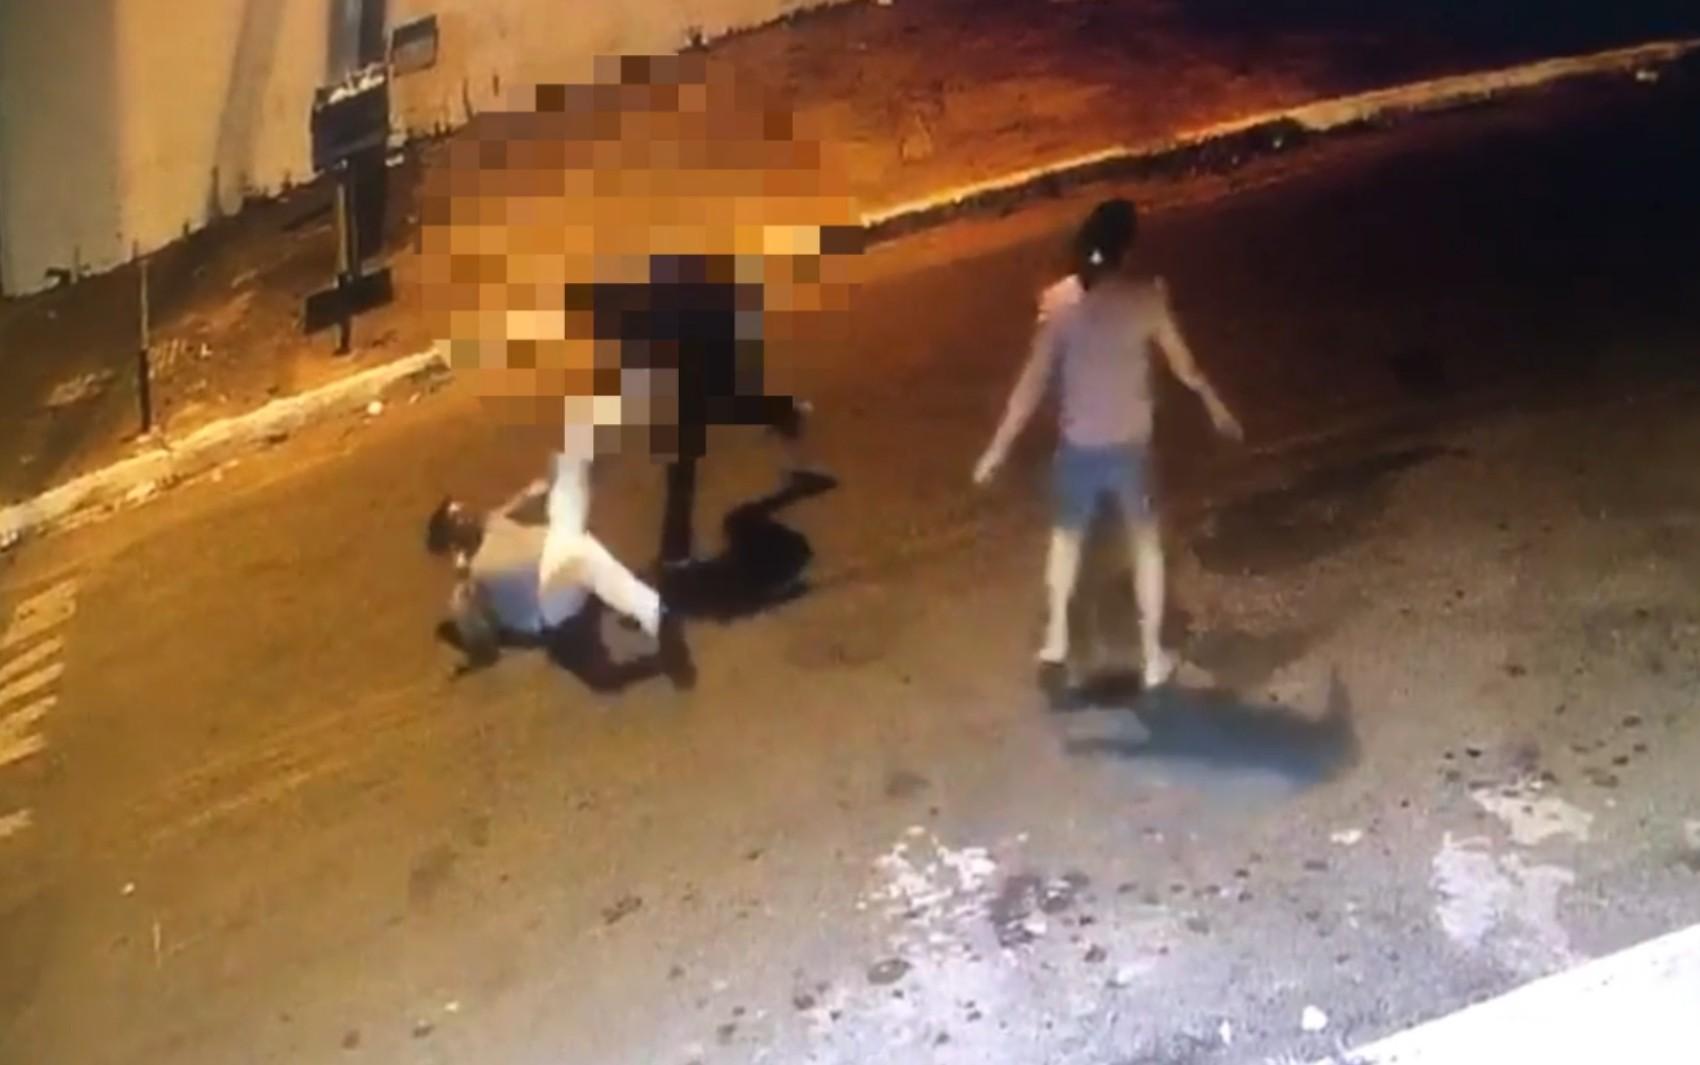 Homem é preso suspeito matar vizinho a facadas por troco de R$ 50, em Goiânia